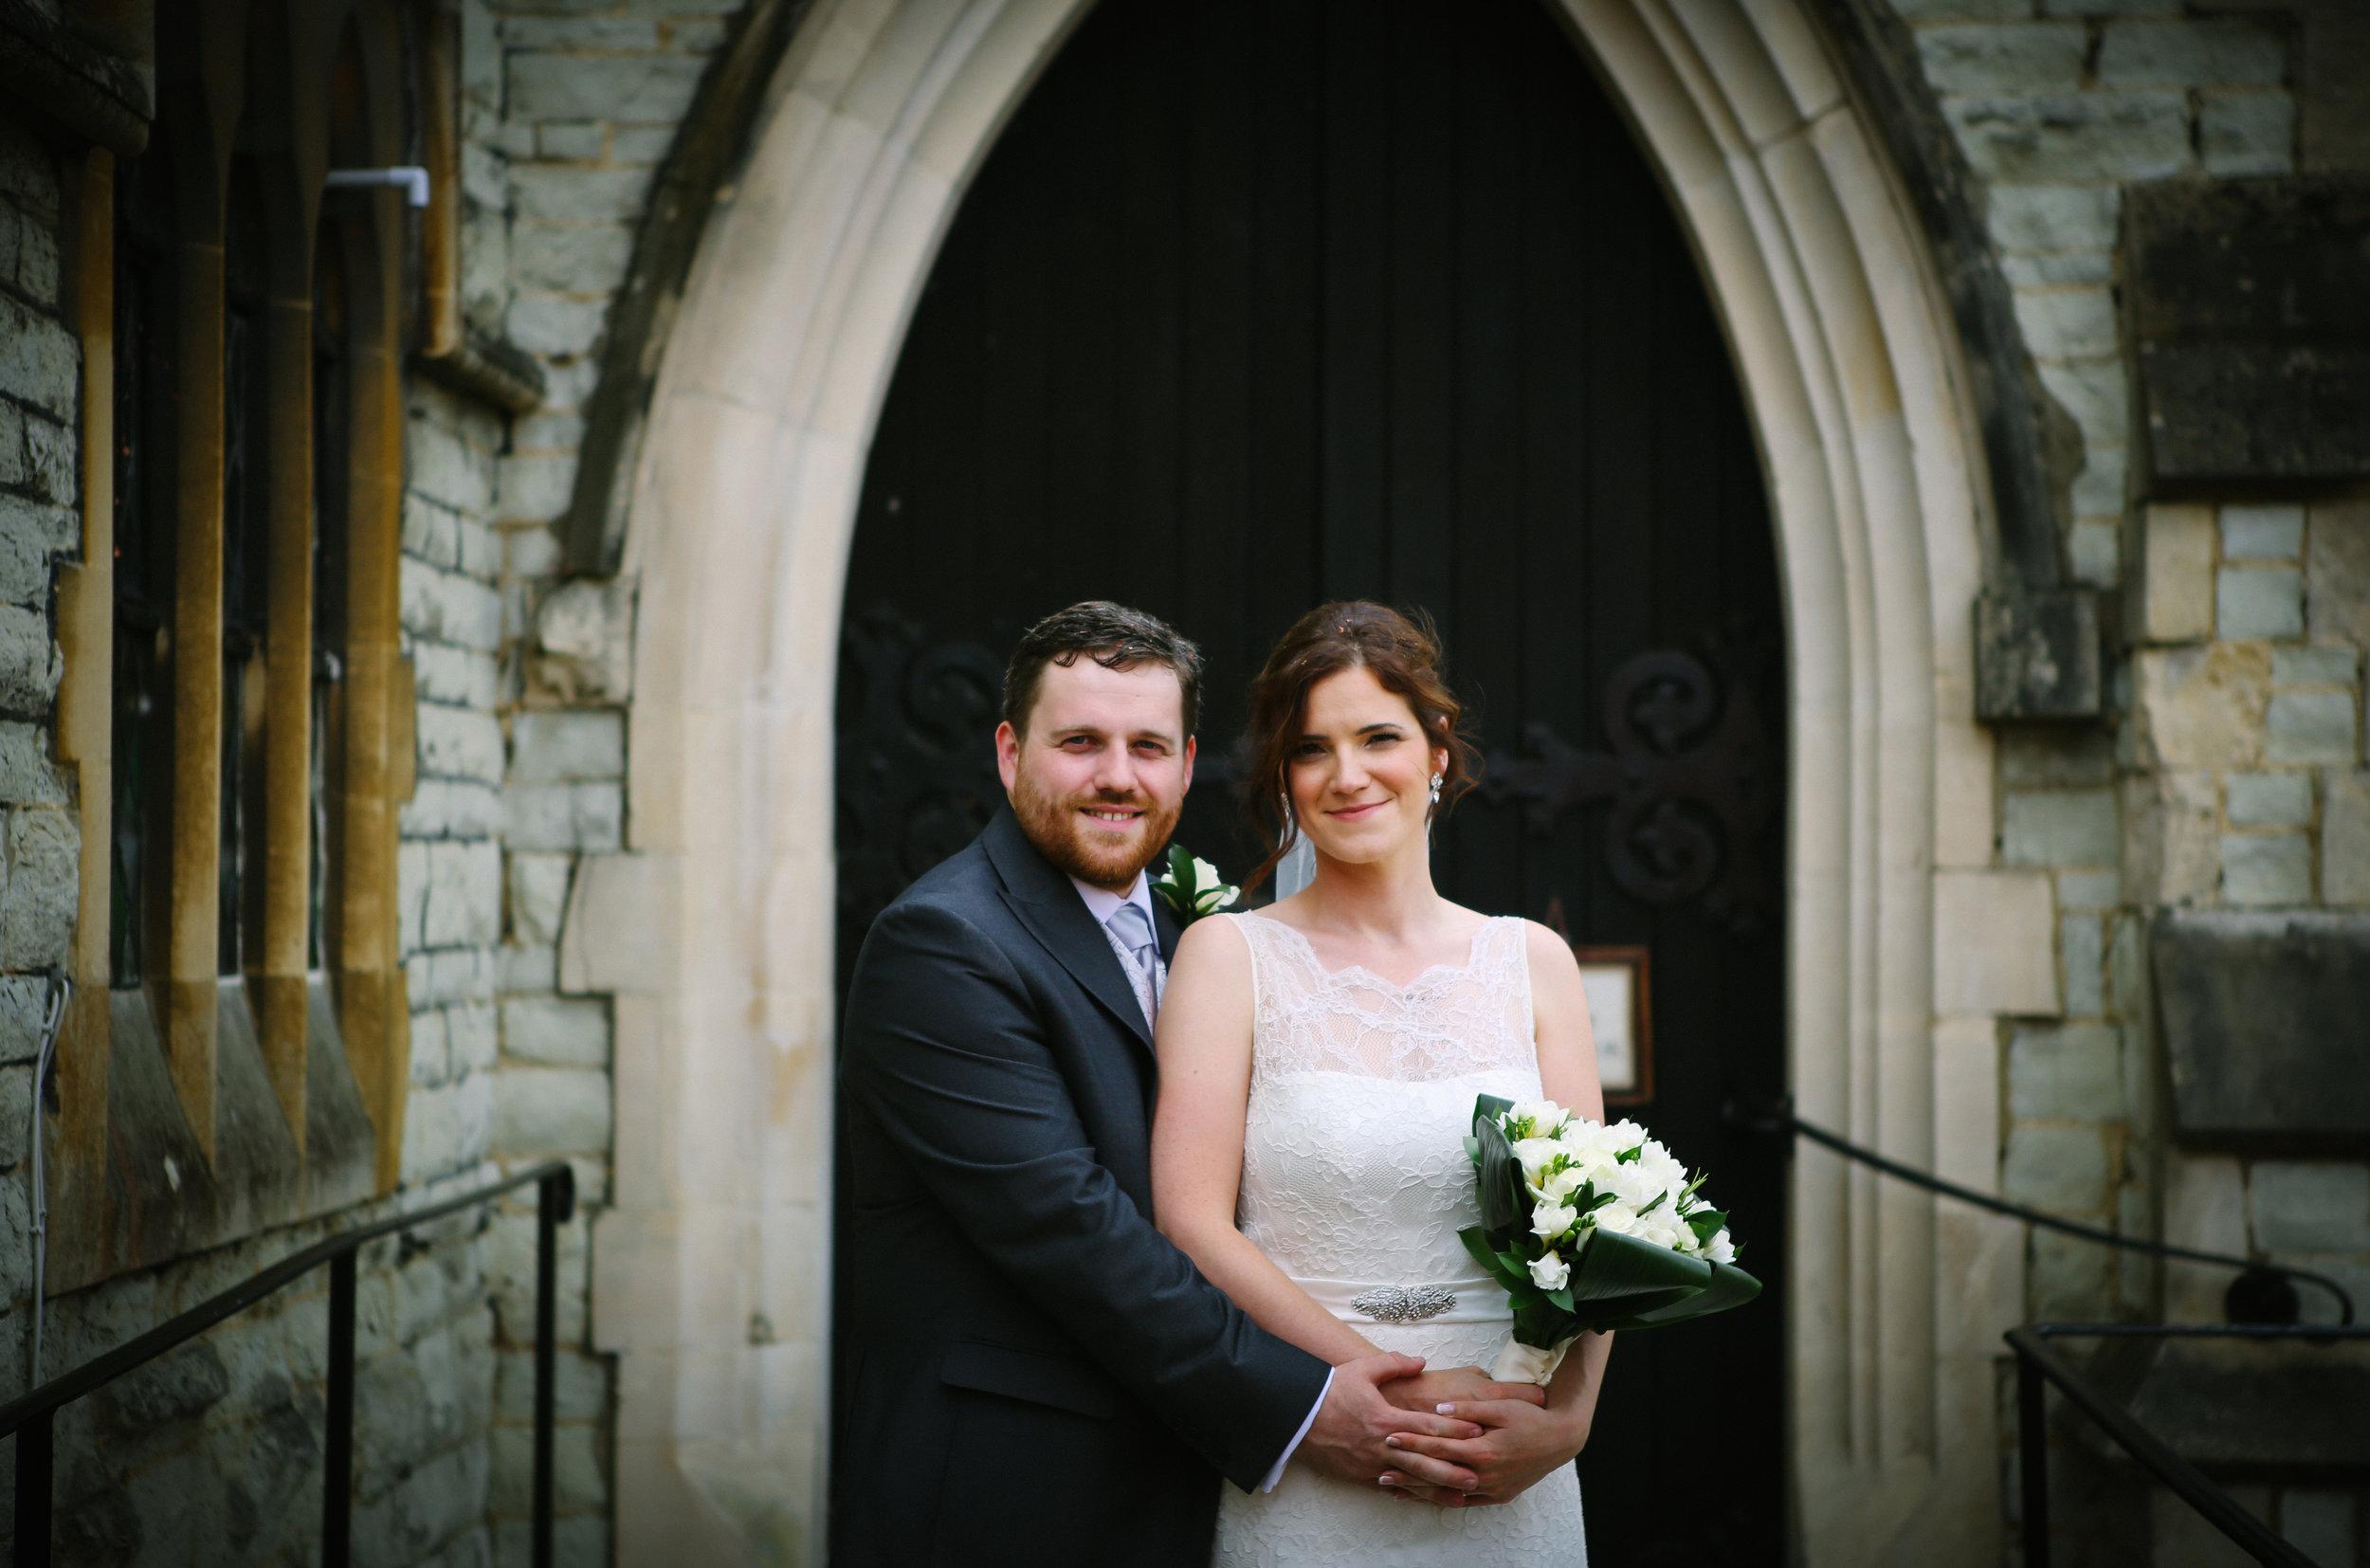 reigate-surrey-london-wedding-photography-bridal-portrait-60